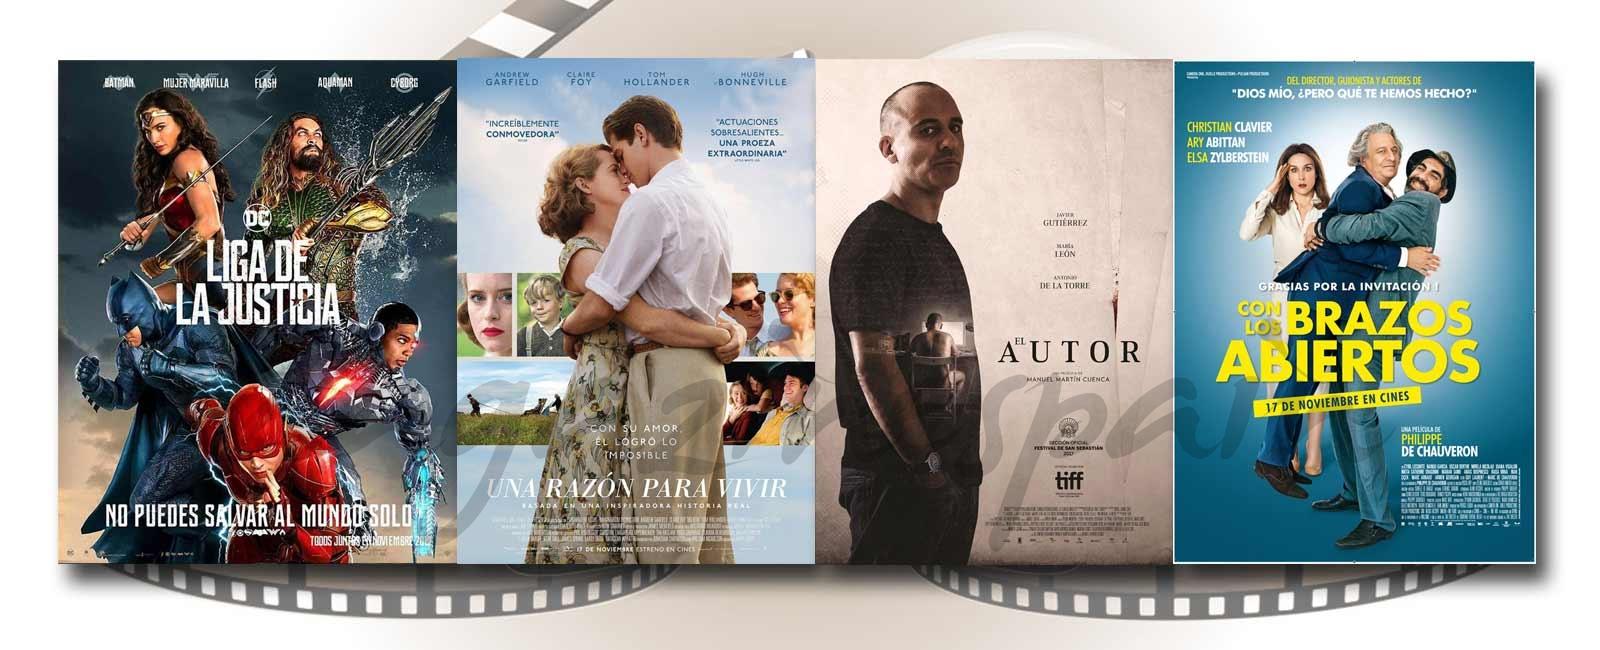 Estrenos de Cine de la Semana… 17 de Noviembre 2017